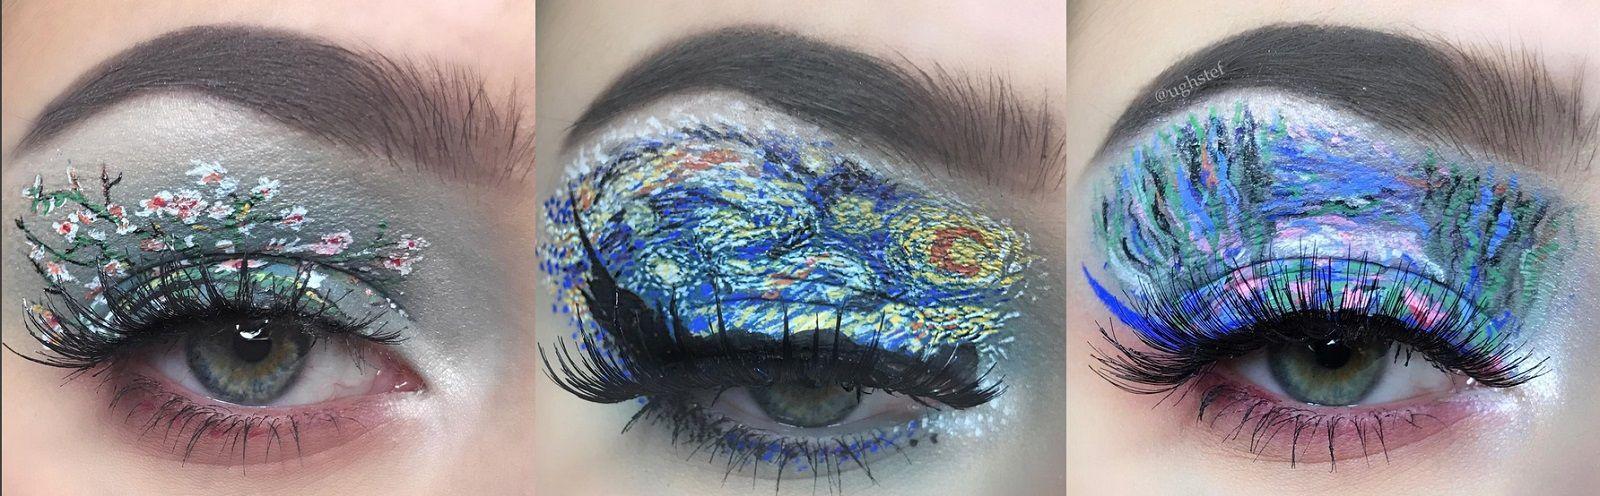 Occhi come capolavori dell'arte con questo make up